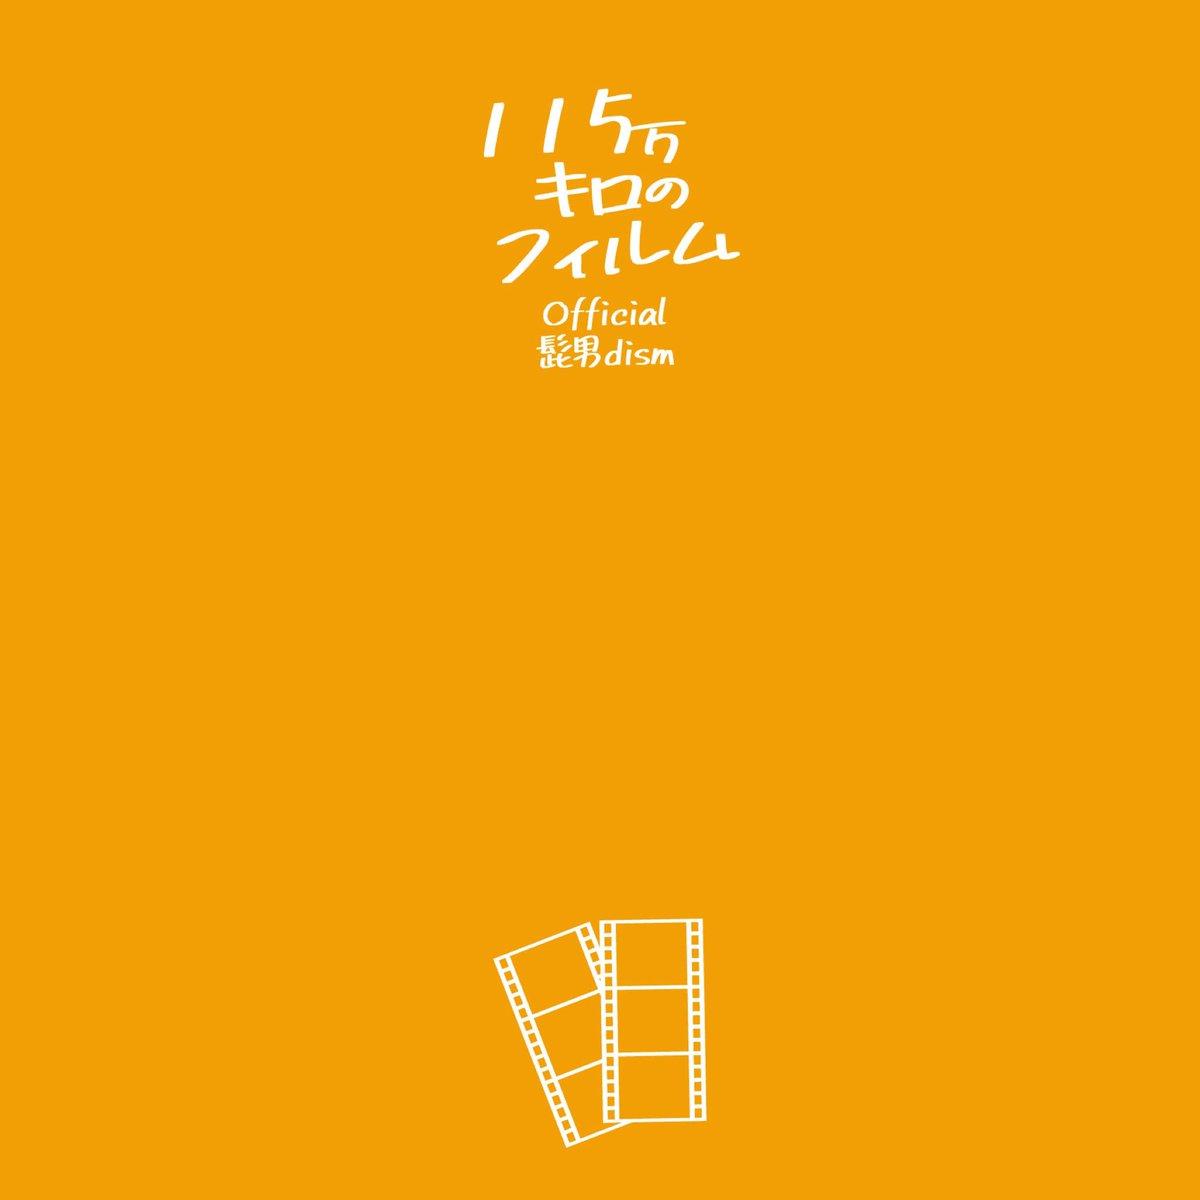 キロ の 男 フィルム 115 万 髭 Official髭男dismが披露した『115万キロのフィルム』に疑惑 「ミスチルに似すぎ」 ニフティニュース